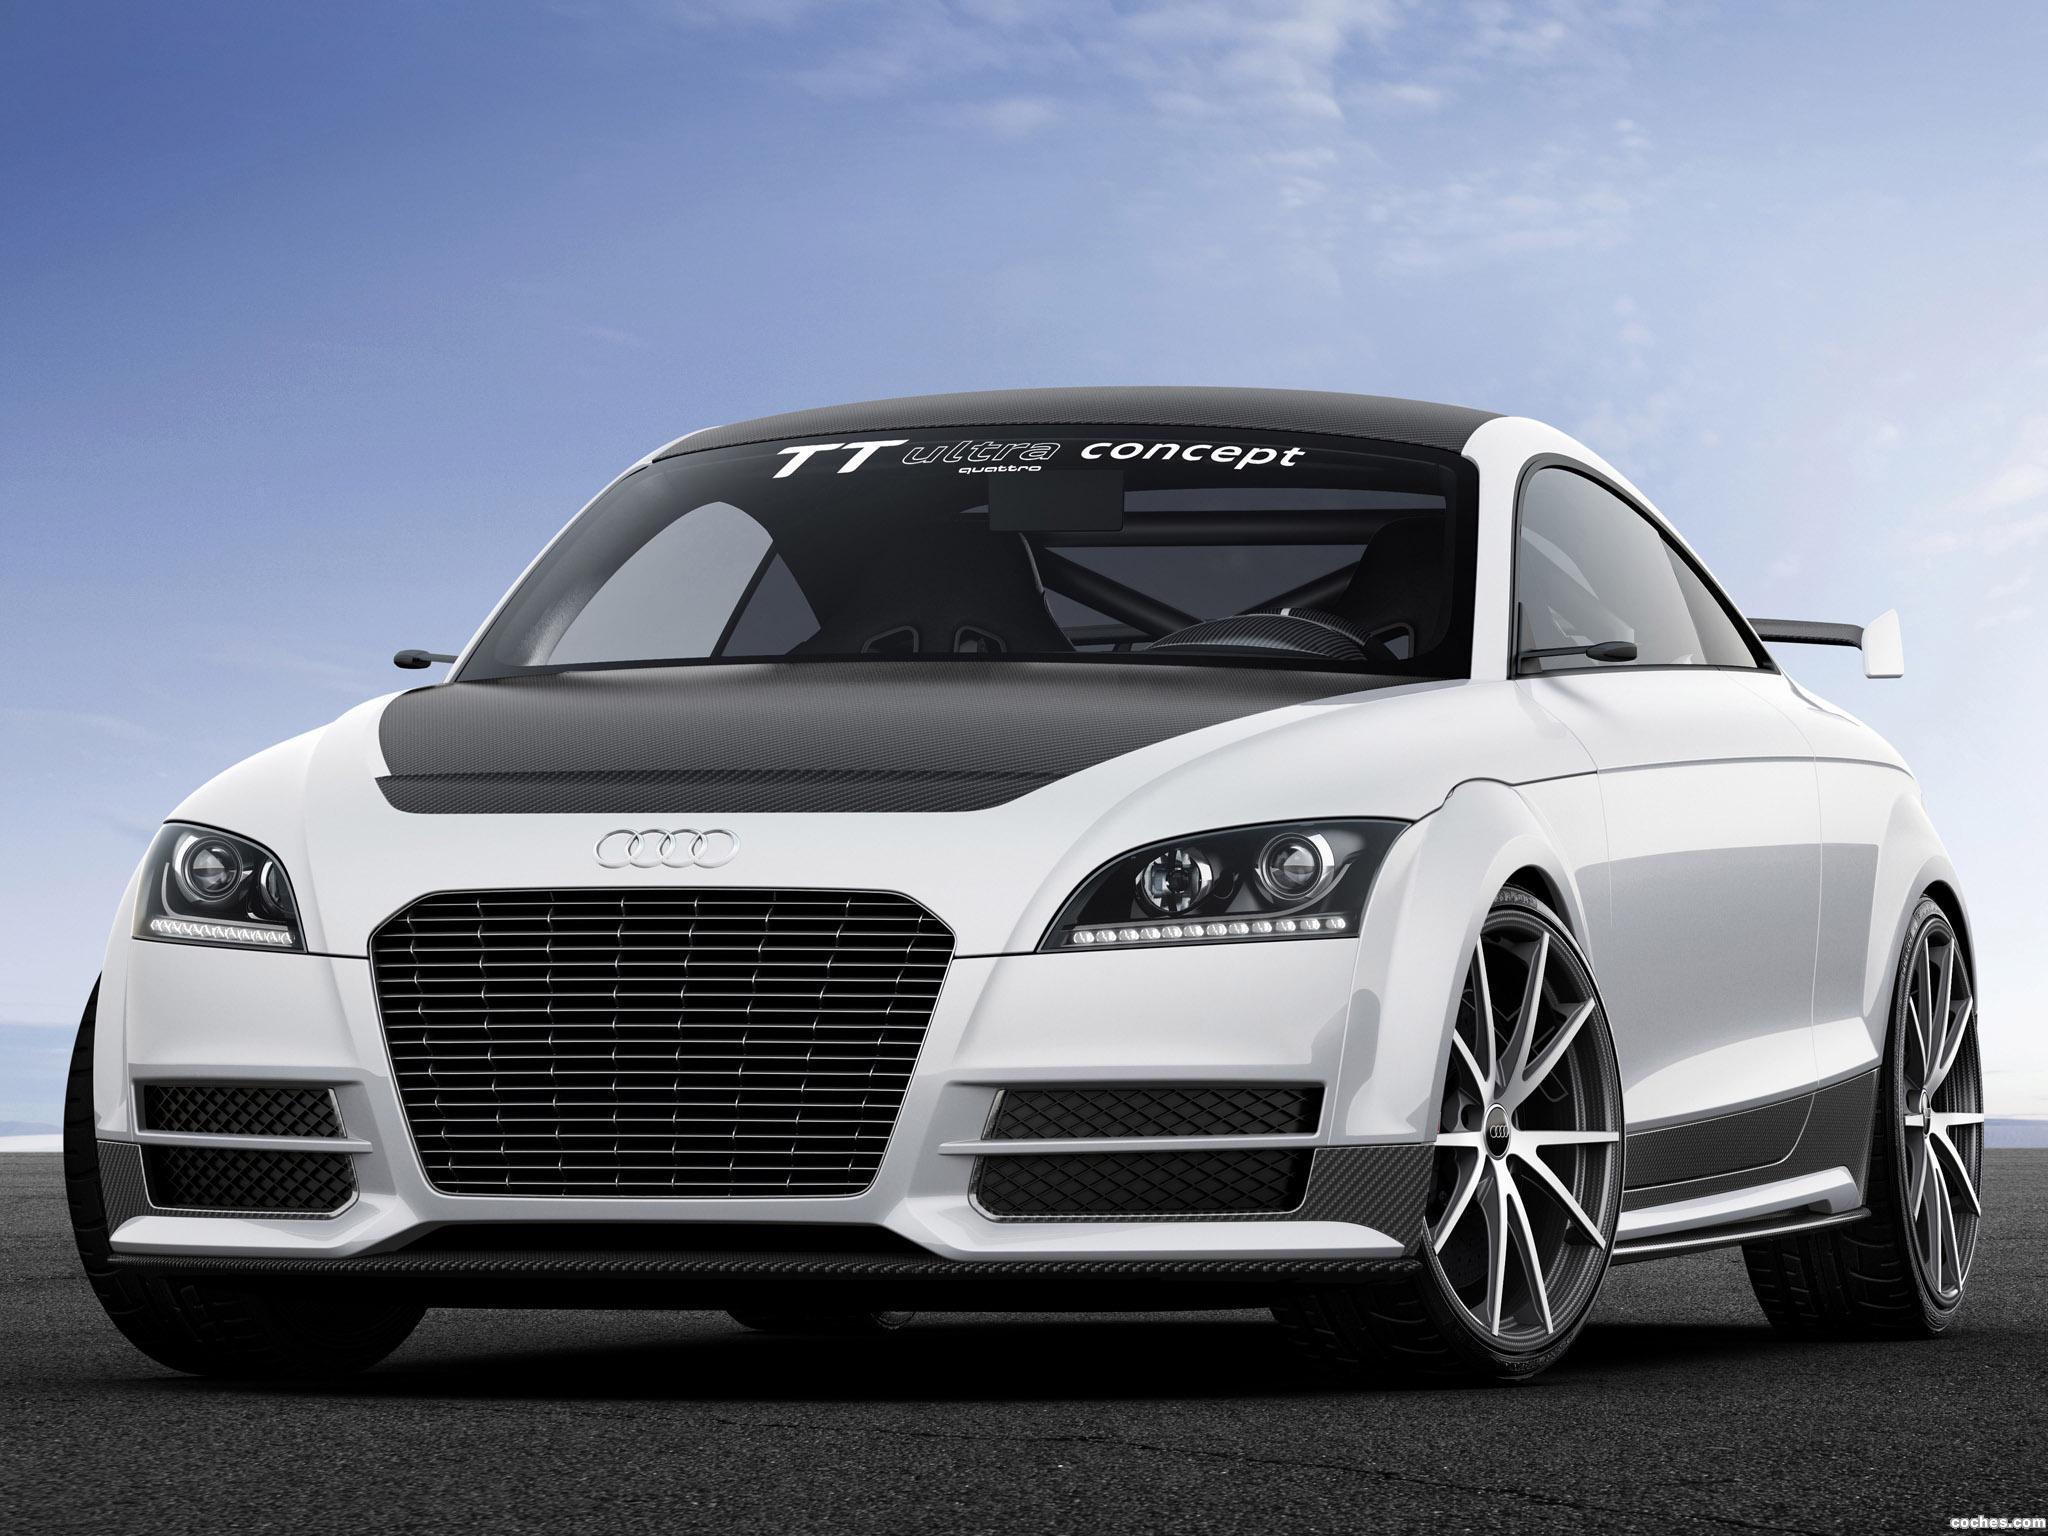 Foto 11 de Audi TT Ultra Quattro Concept 2013